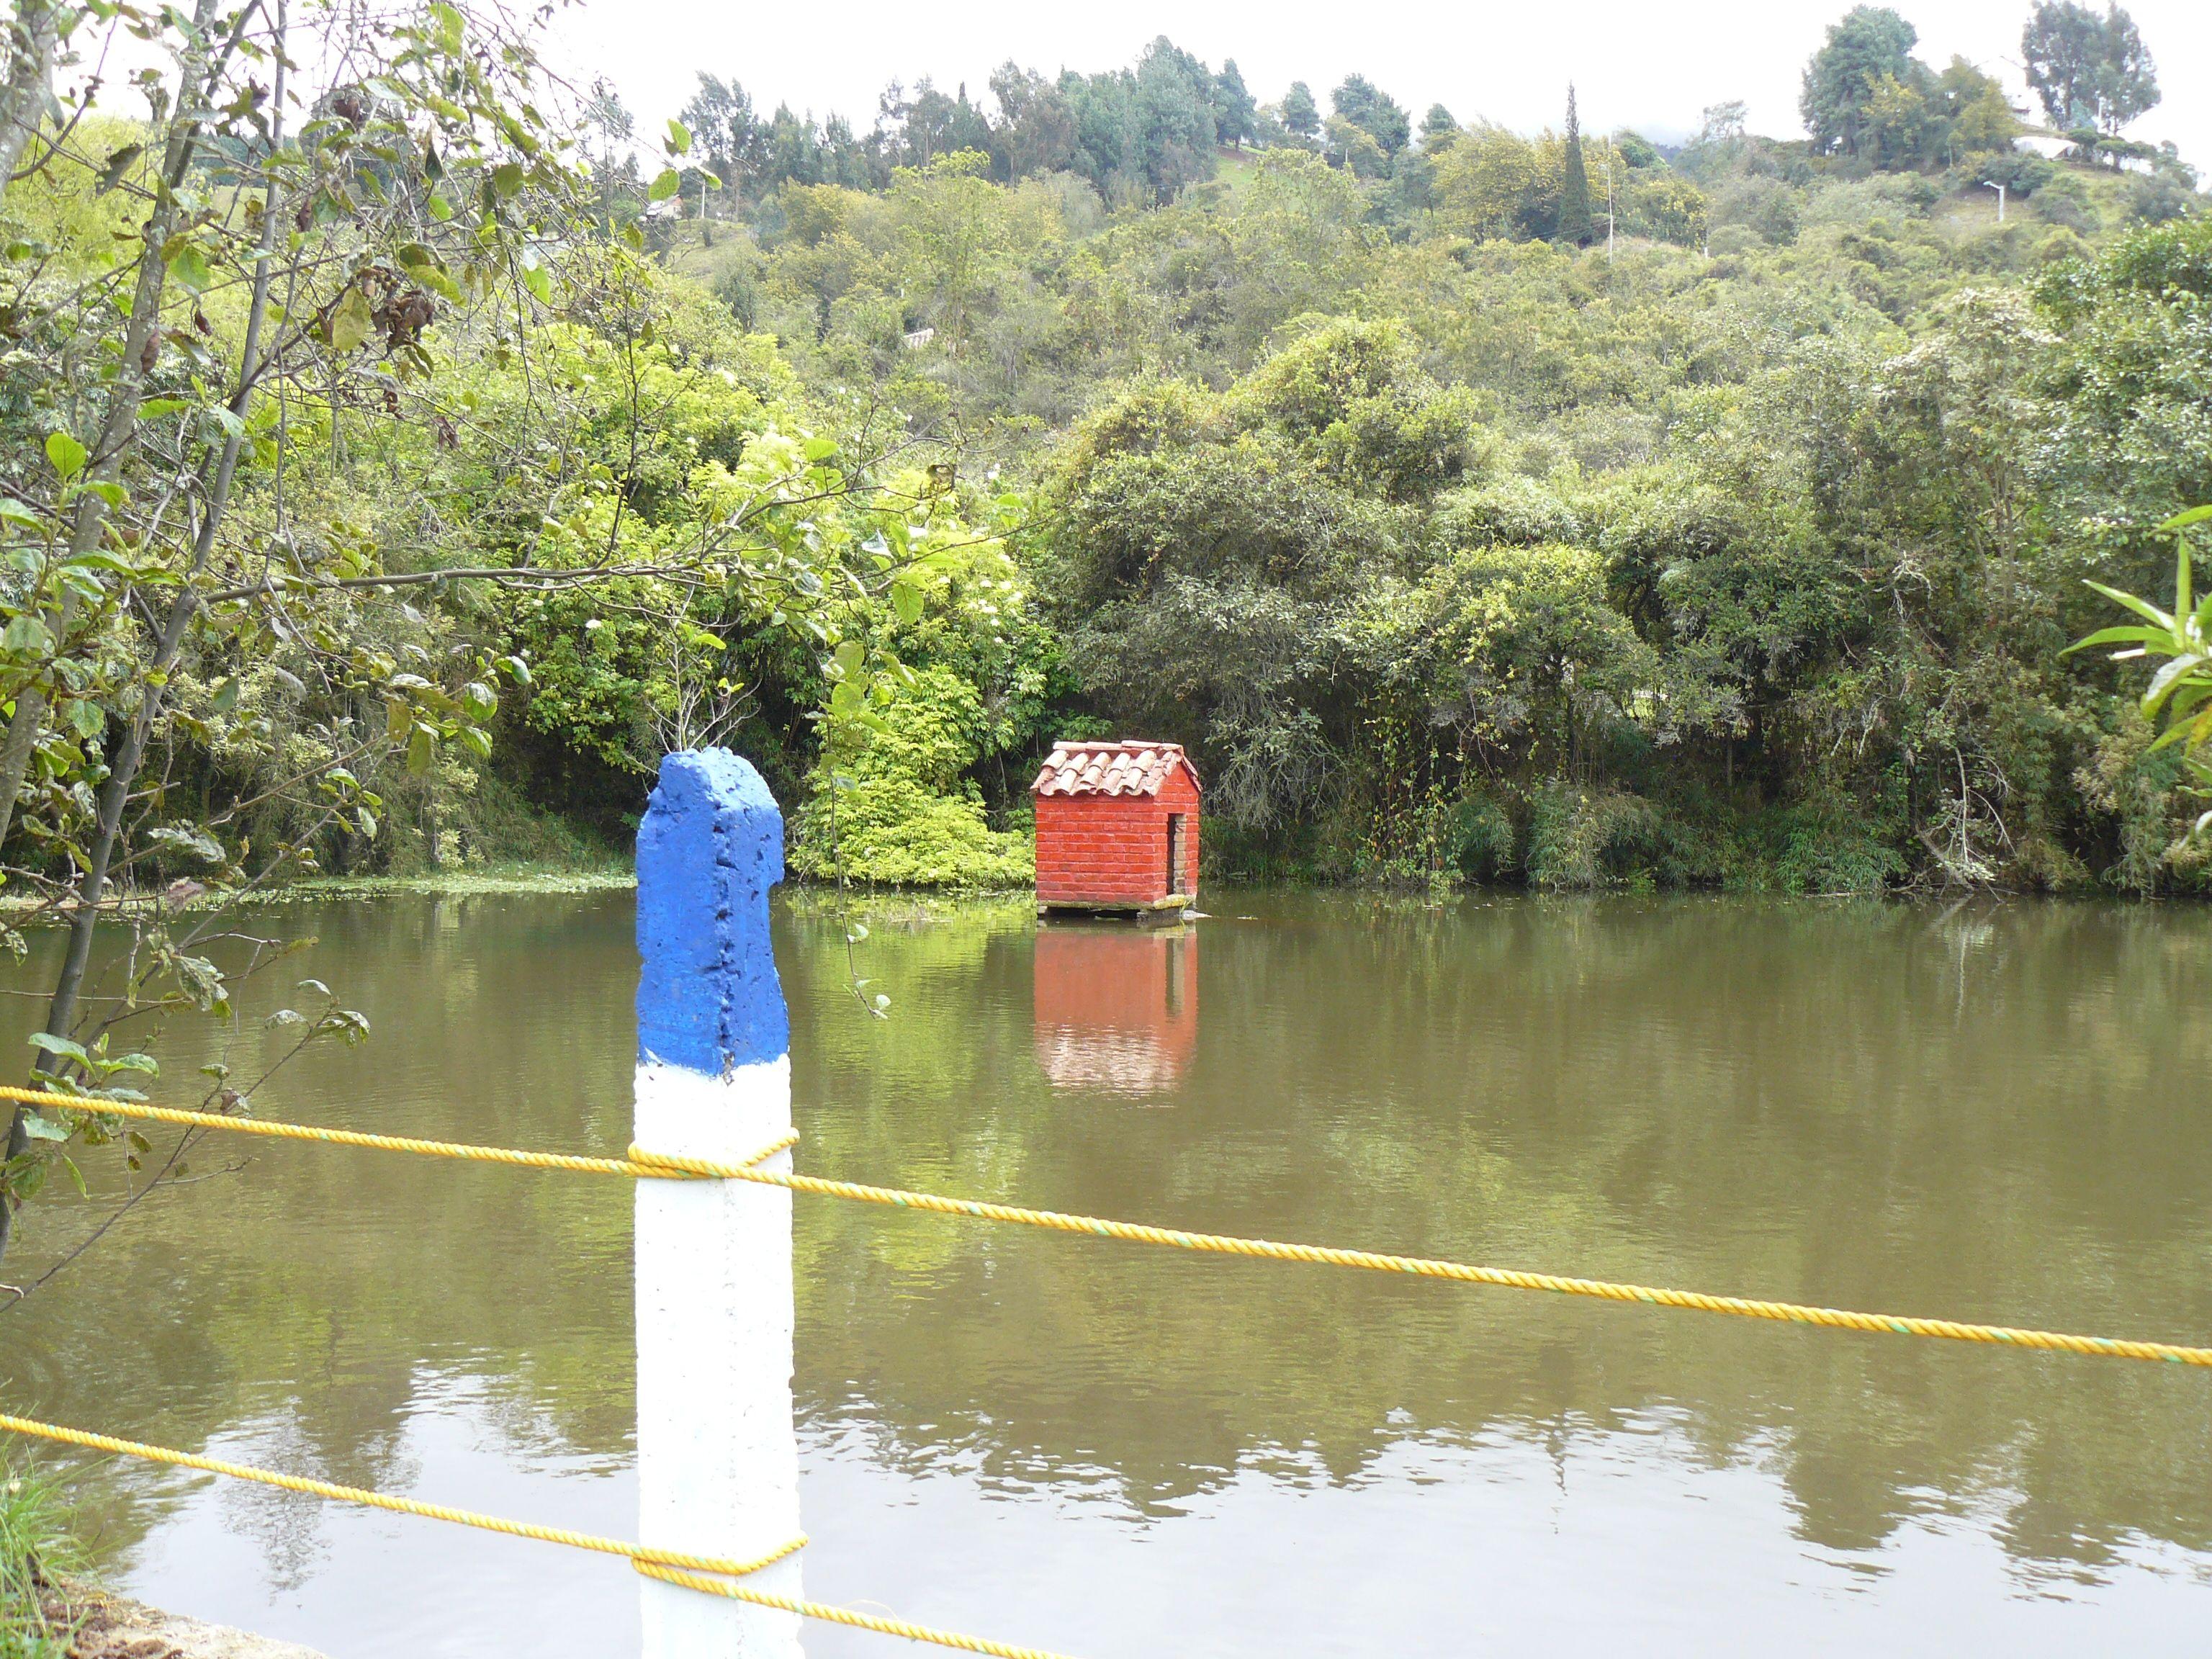 Lago en el Parque del Río Neusa, Cundinamarca, Colombia